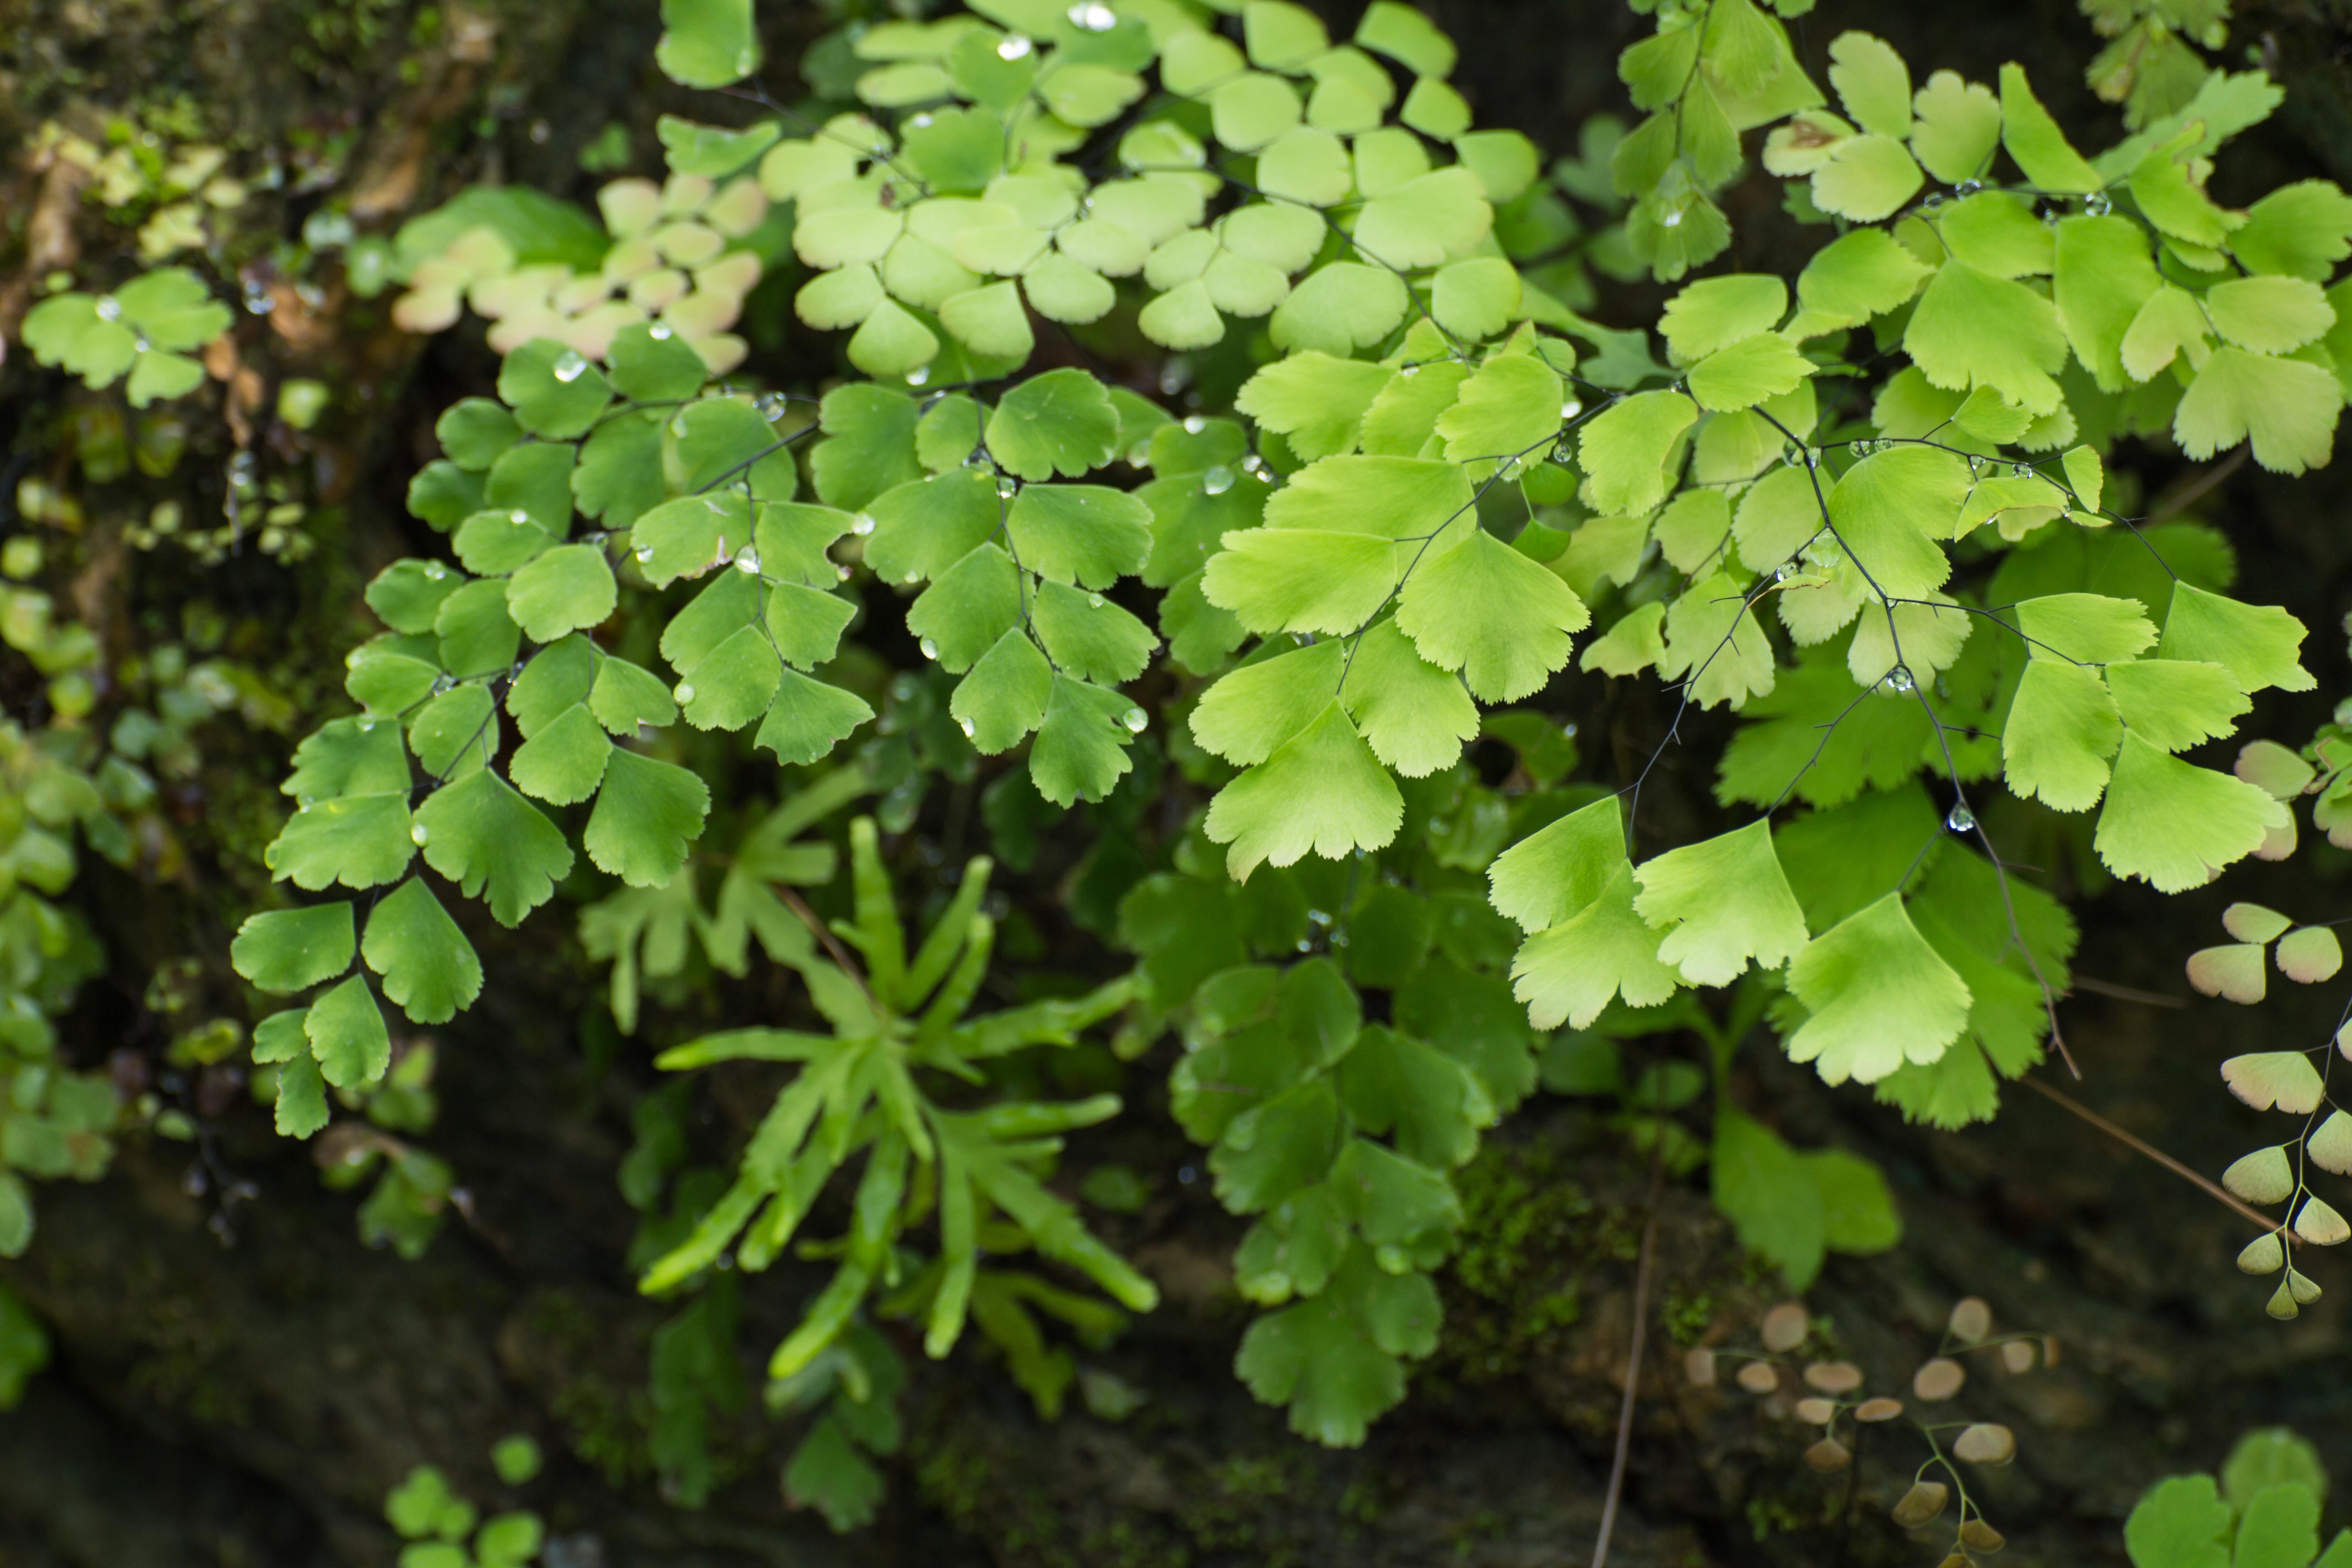 Листья адиантума обладают свойством отталкивать воду